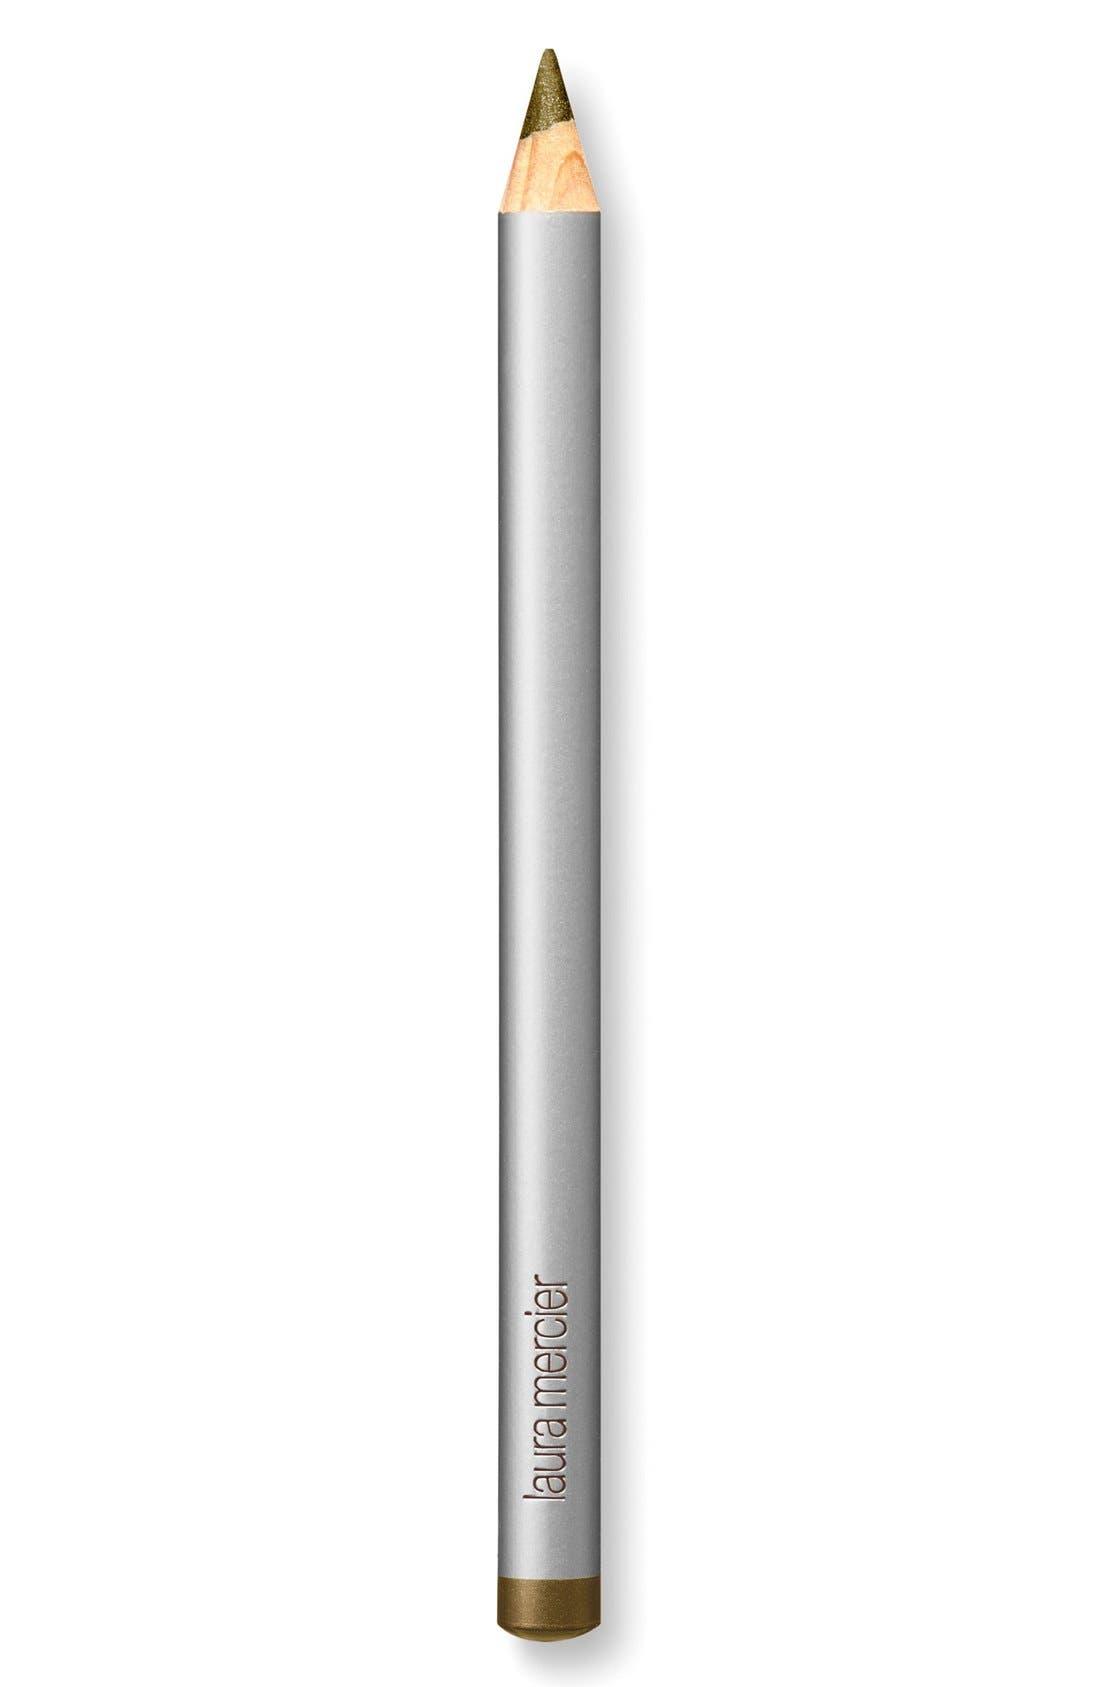 Kohl Eye Pencil,                             Main thumbnail 7, color,